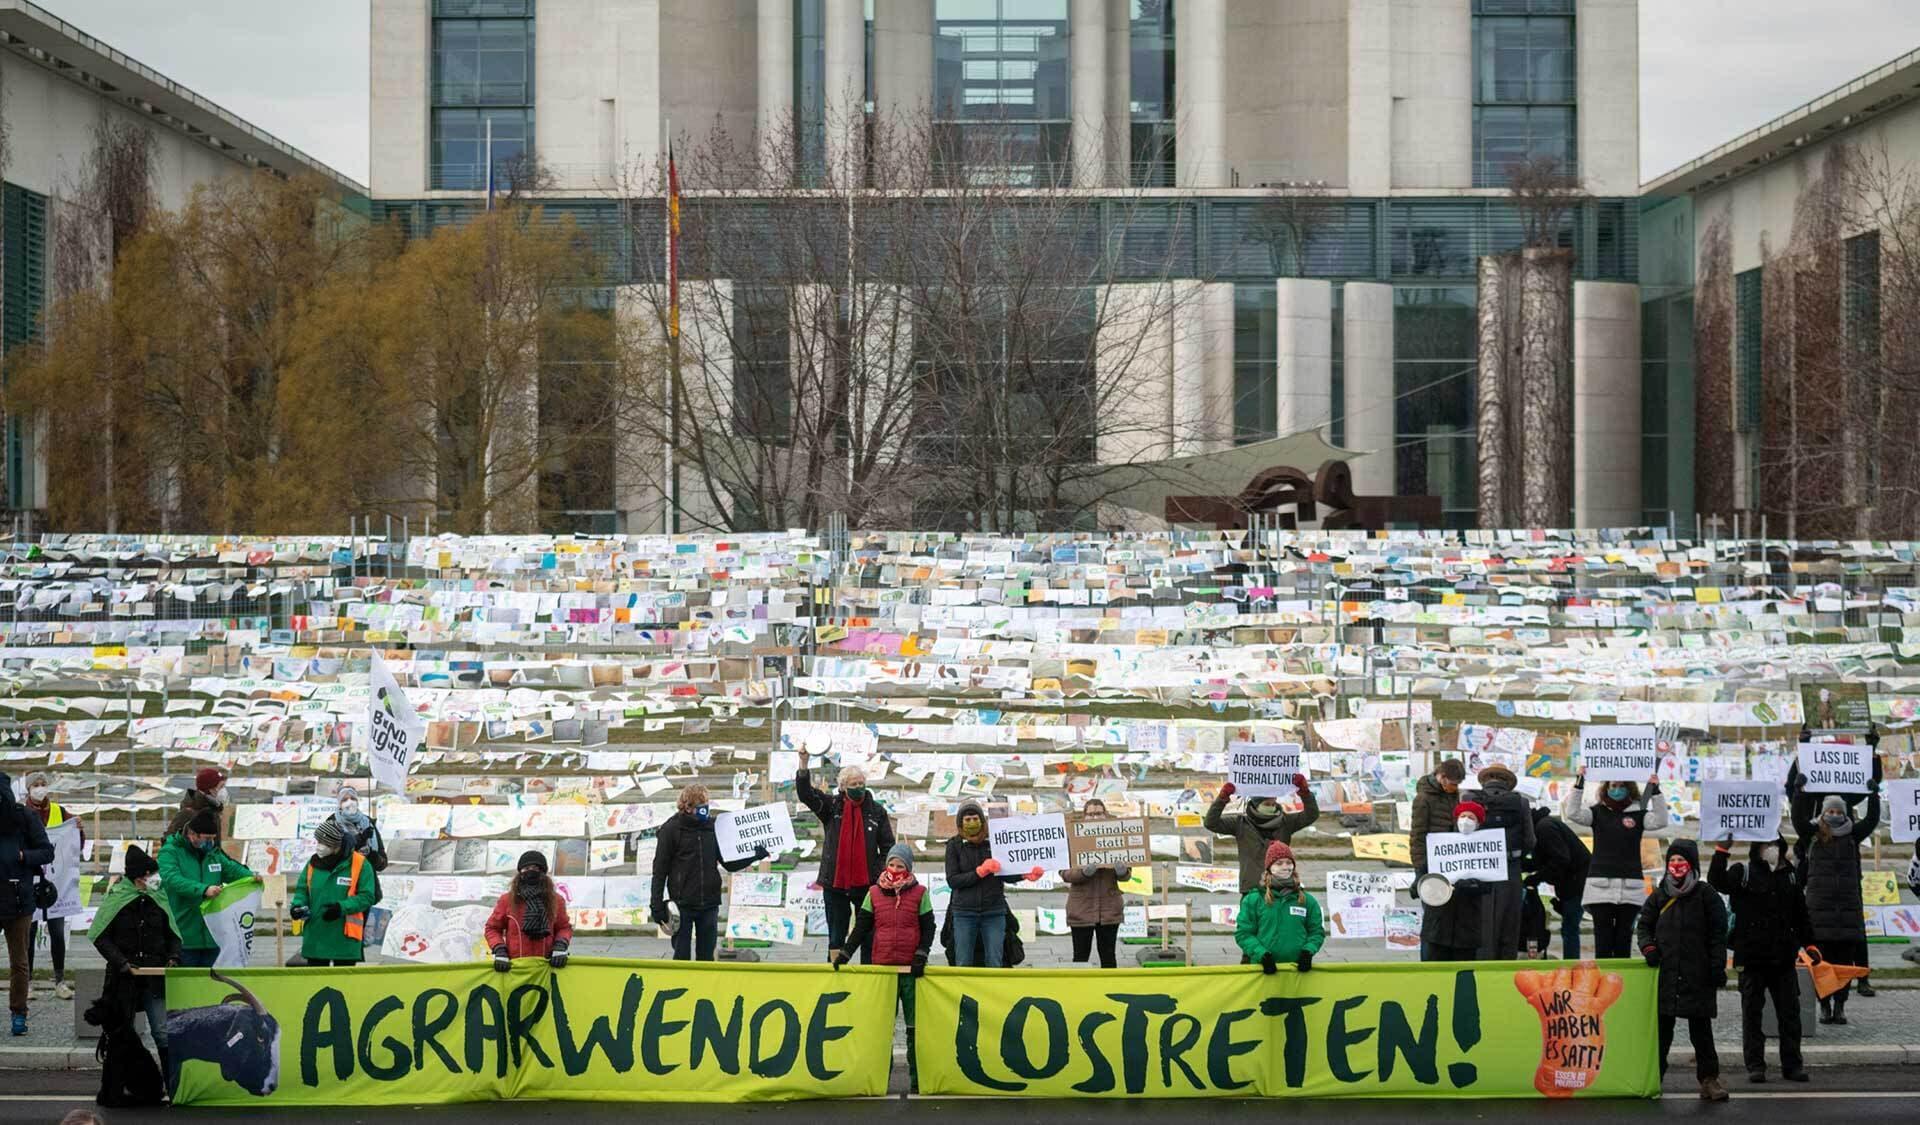 Protestaktion vor dem Kanzleramt